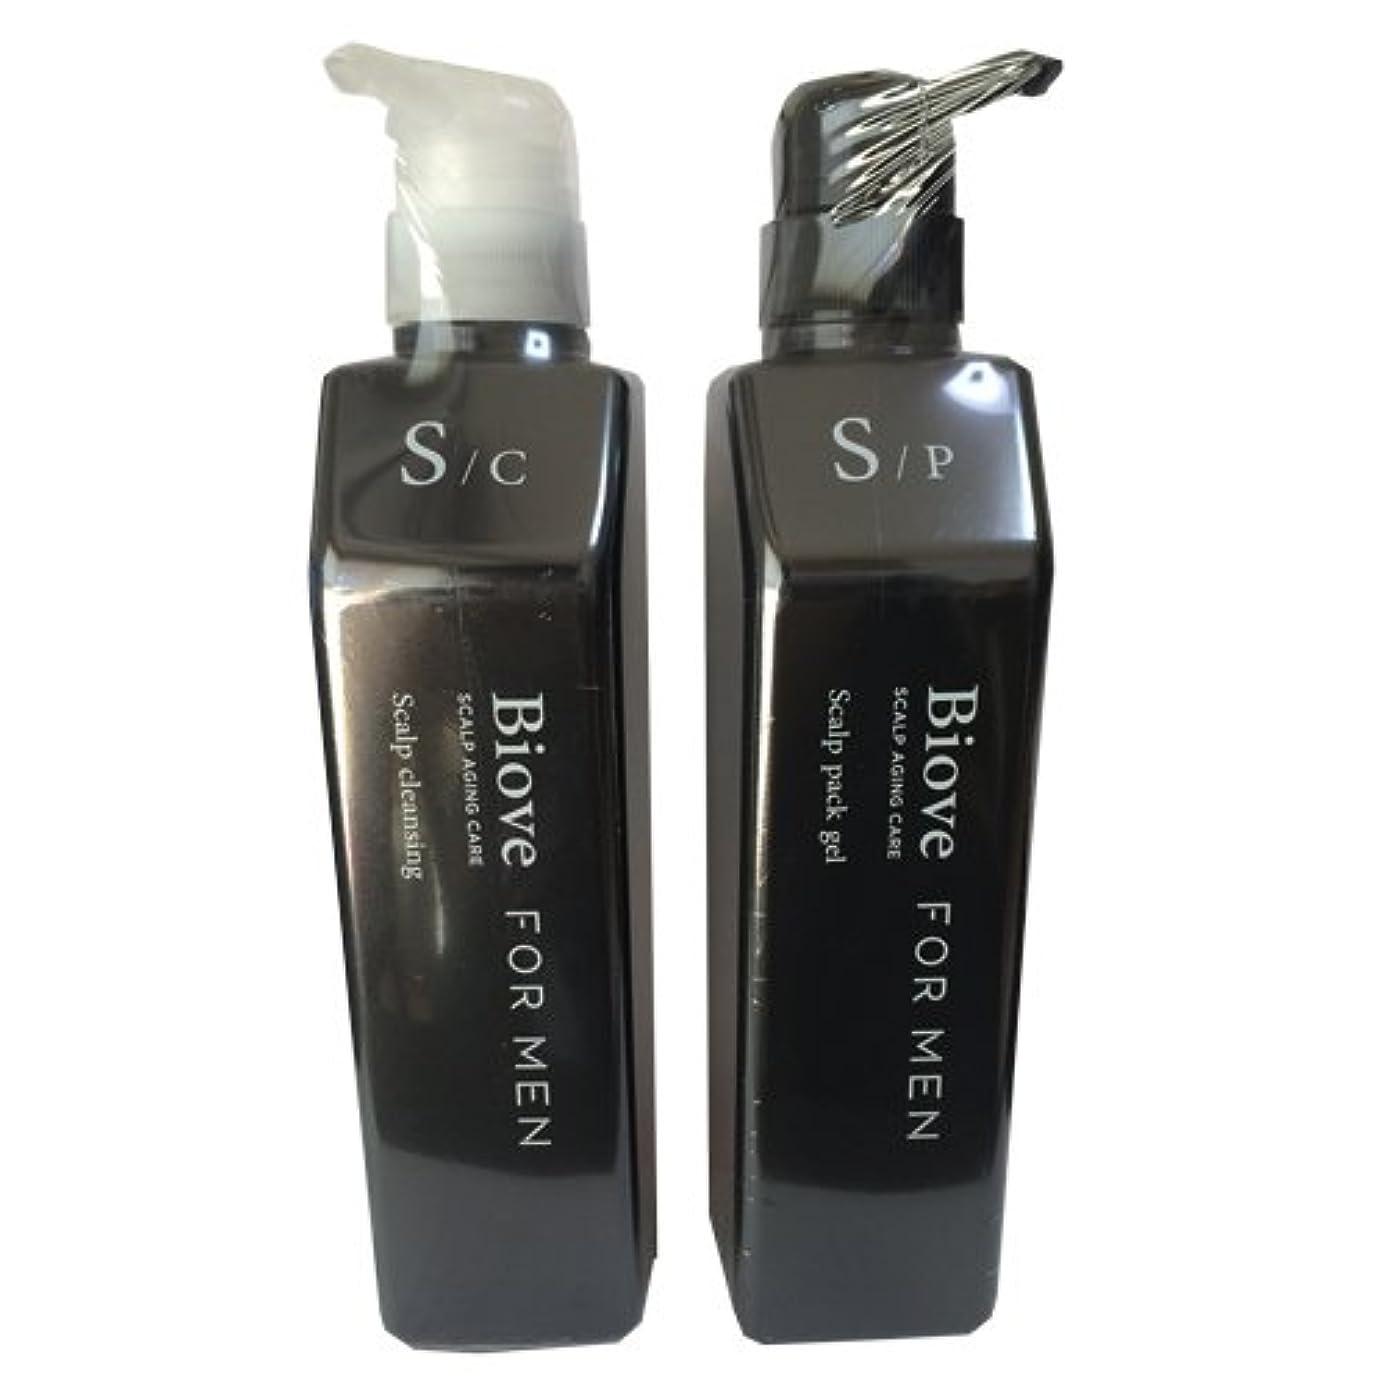 クック注釈を付けるスプーンBiove FOR MEN ビオーブ フォー メン スキャルプクレンジング 550ml & スキャルプパックジェル 550g セット